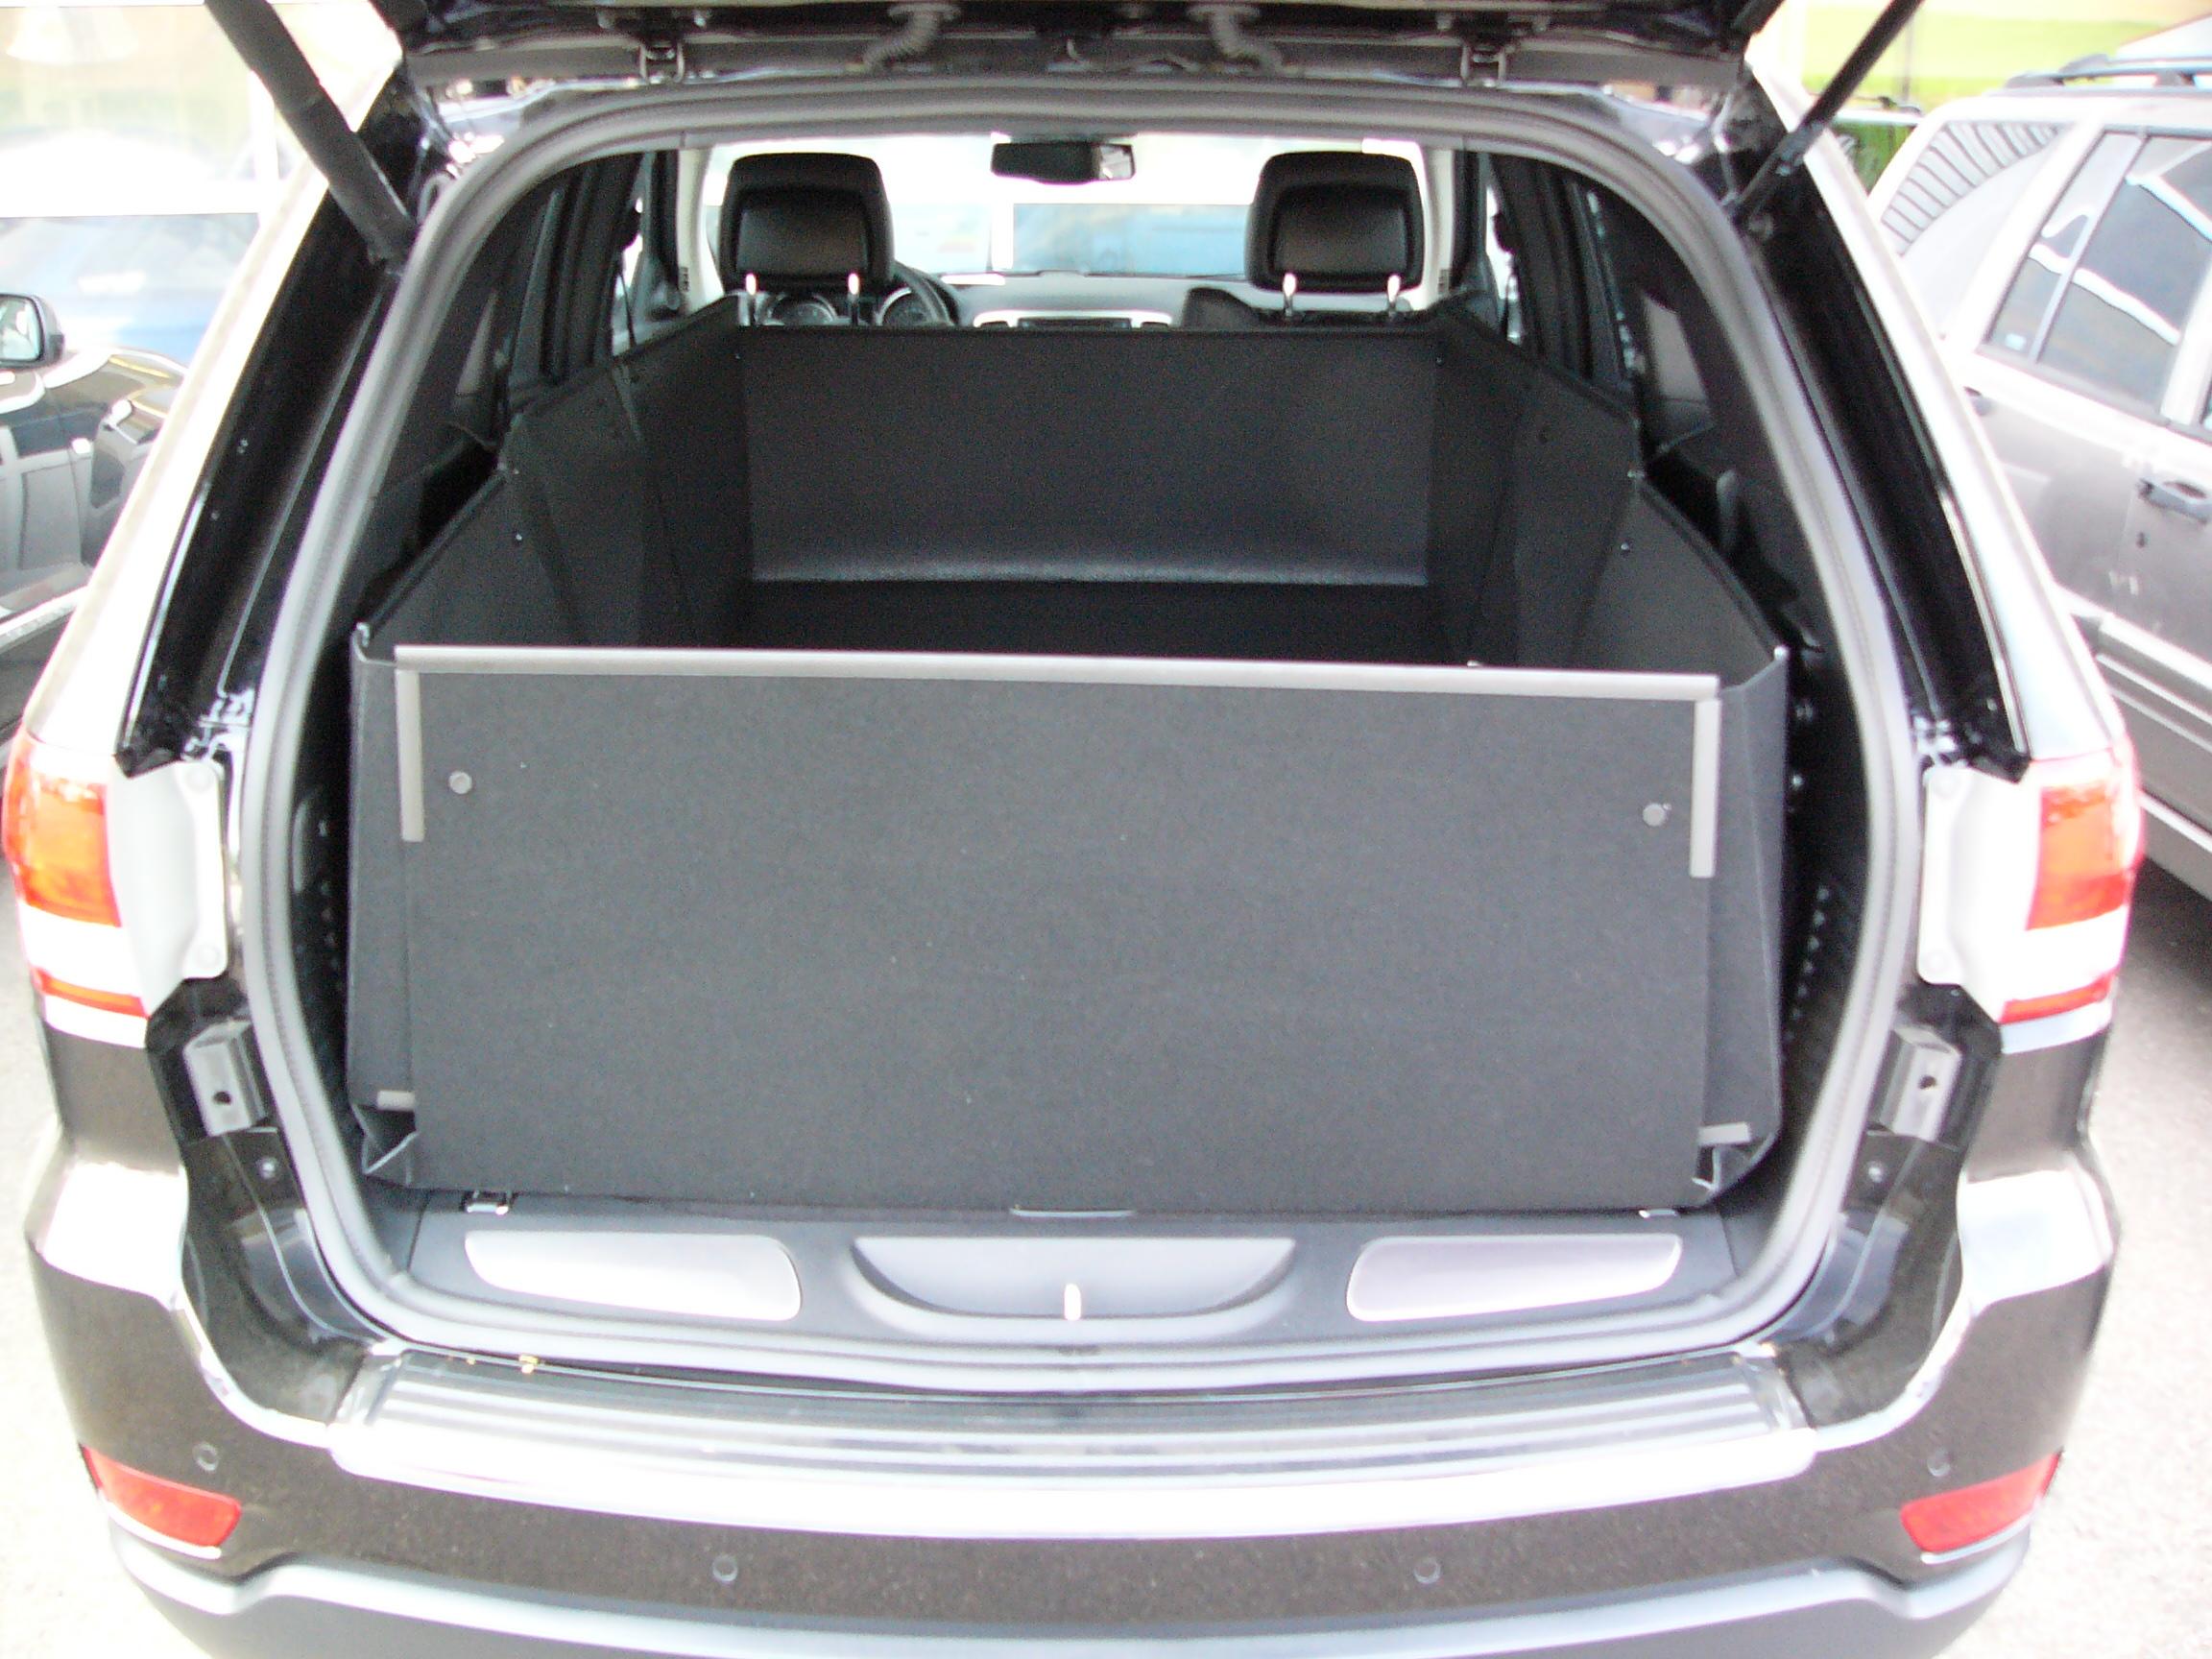 NCLJE701 Gummikofferraumwanne Kofferraumwanne für Jeep Grand Cherokee ab 2011